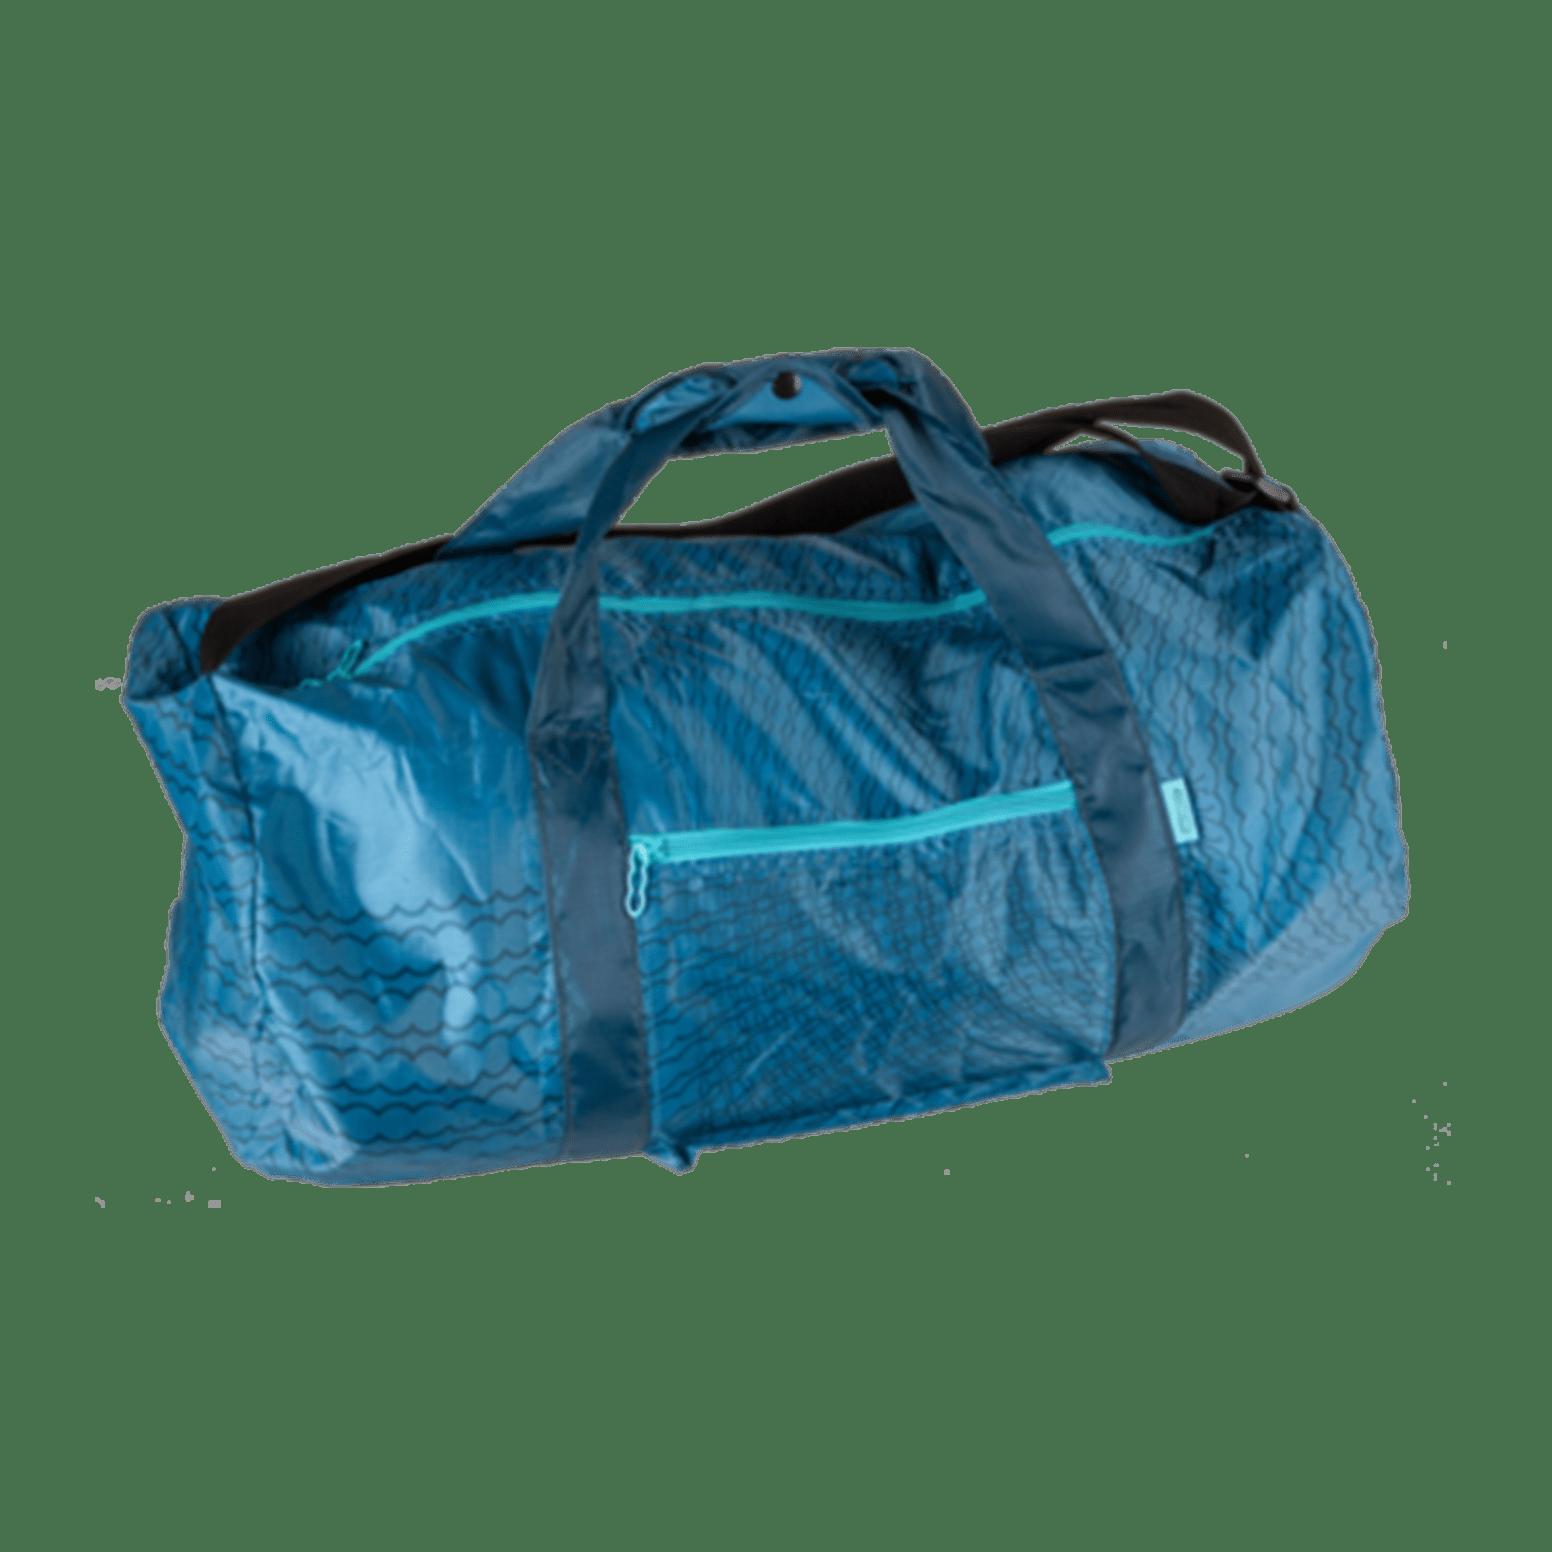 500e Duffle Bag Merchandise